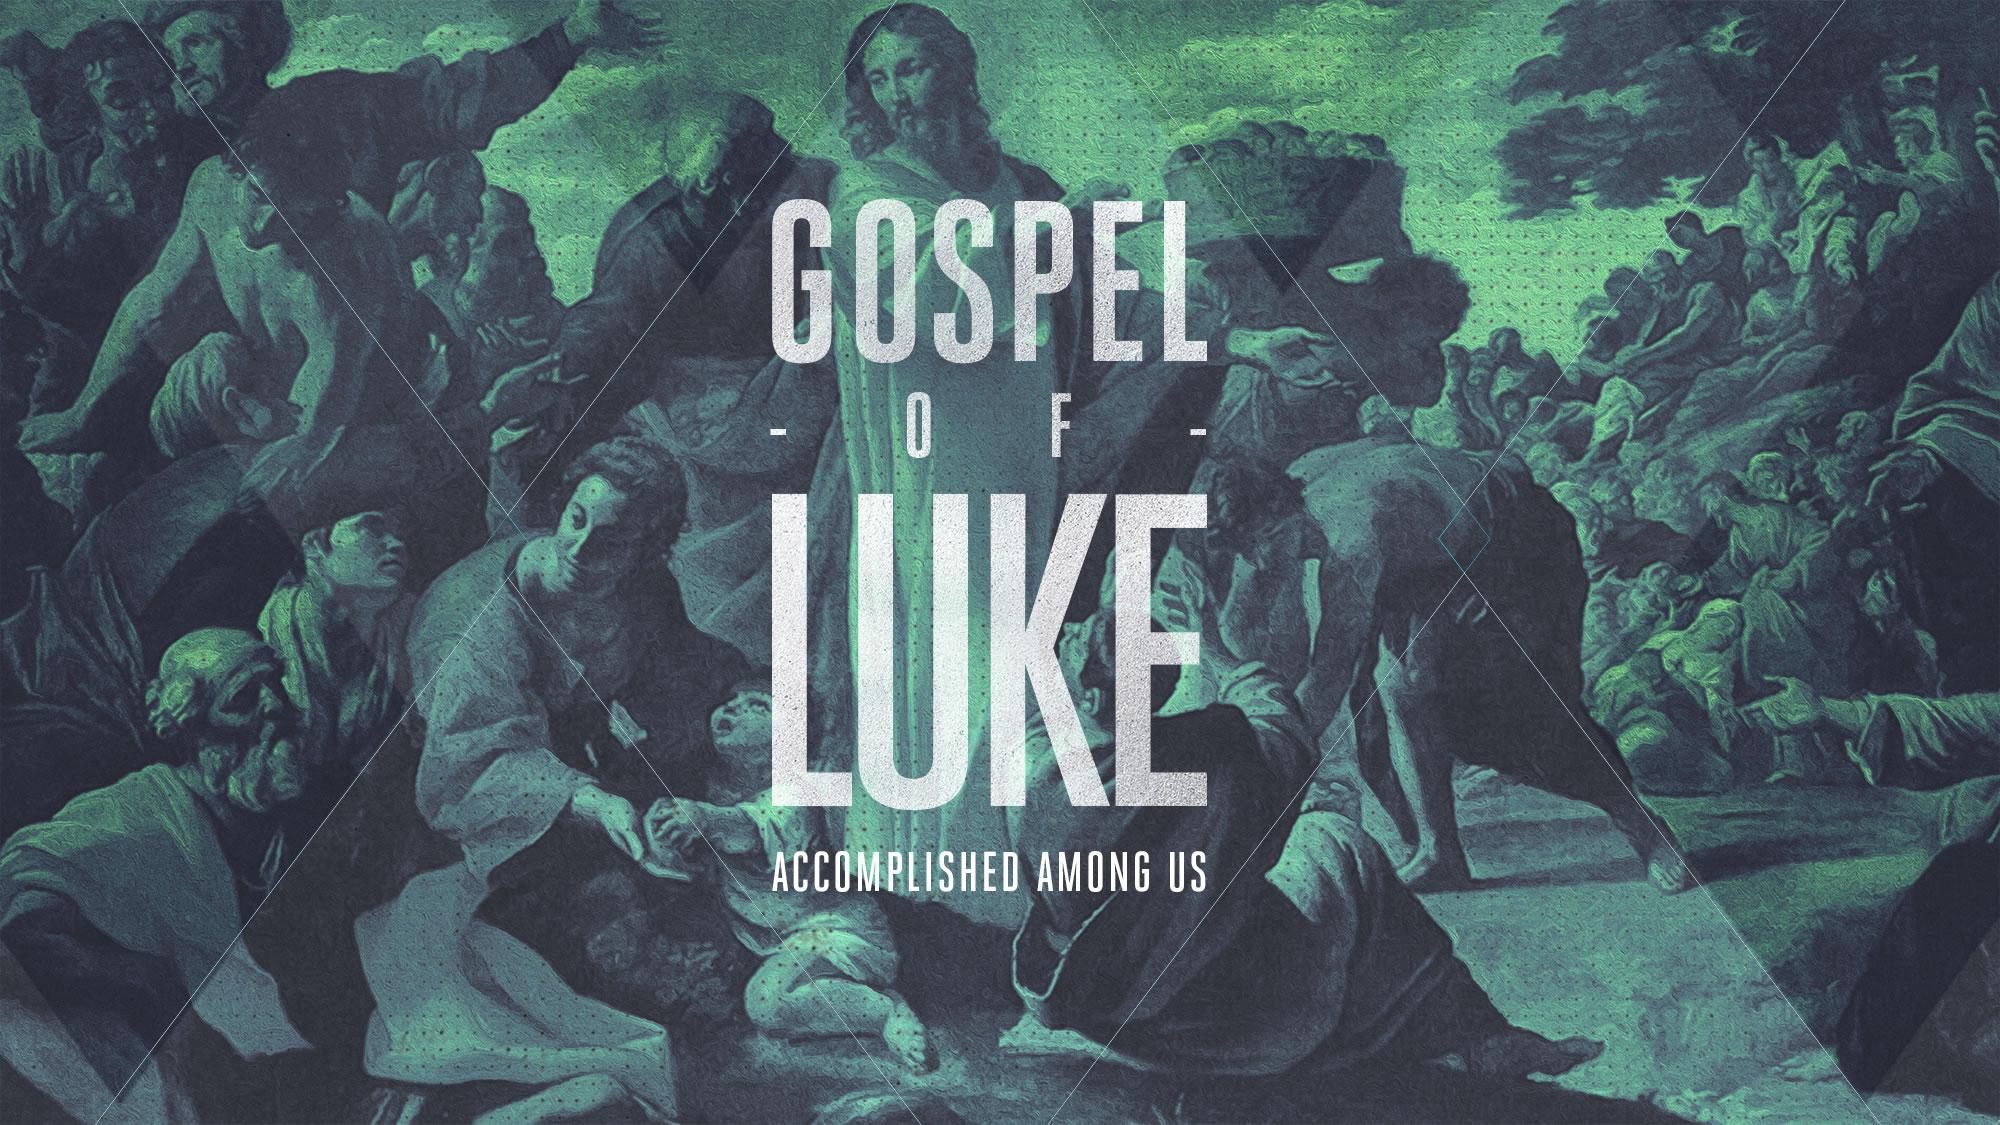 Gospel of Luke Series & Study Guide